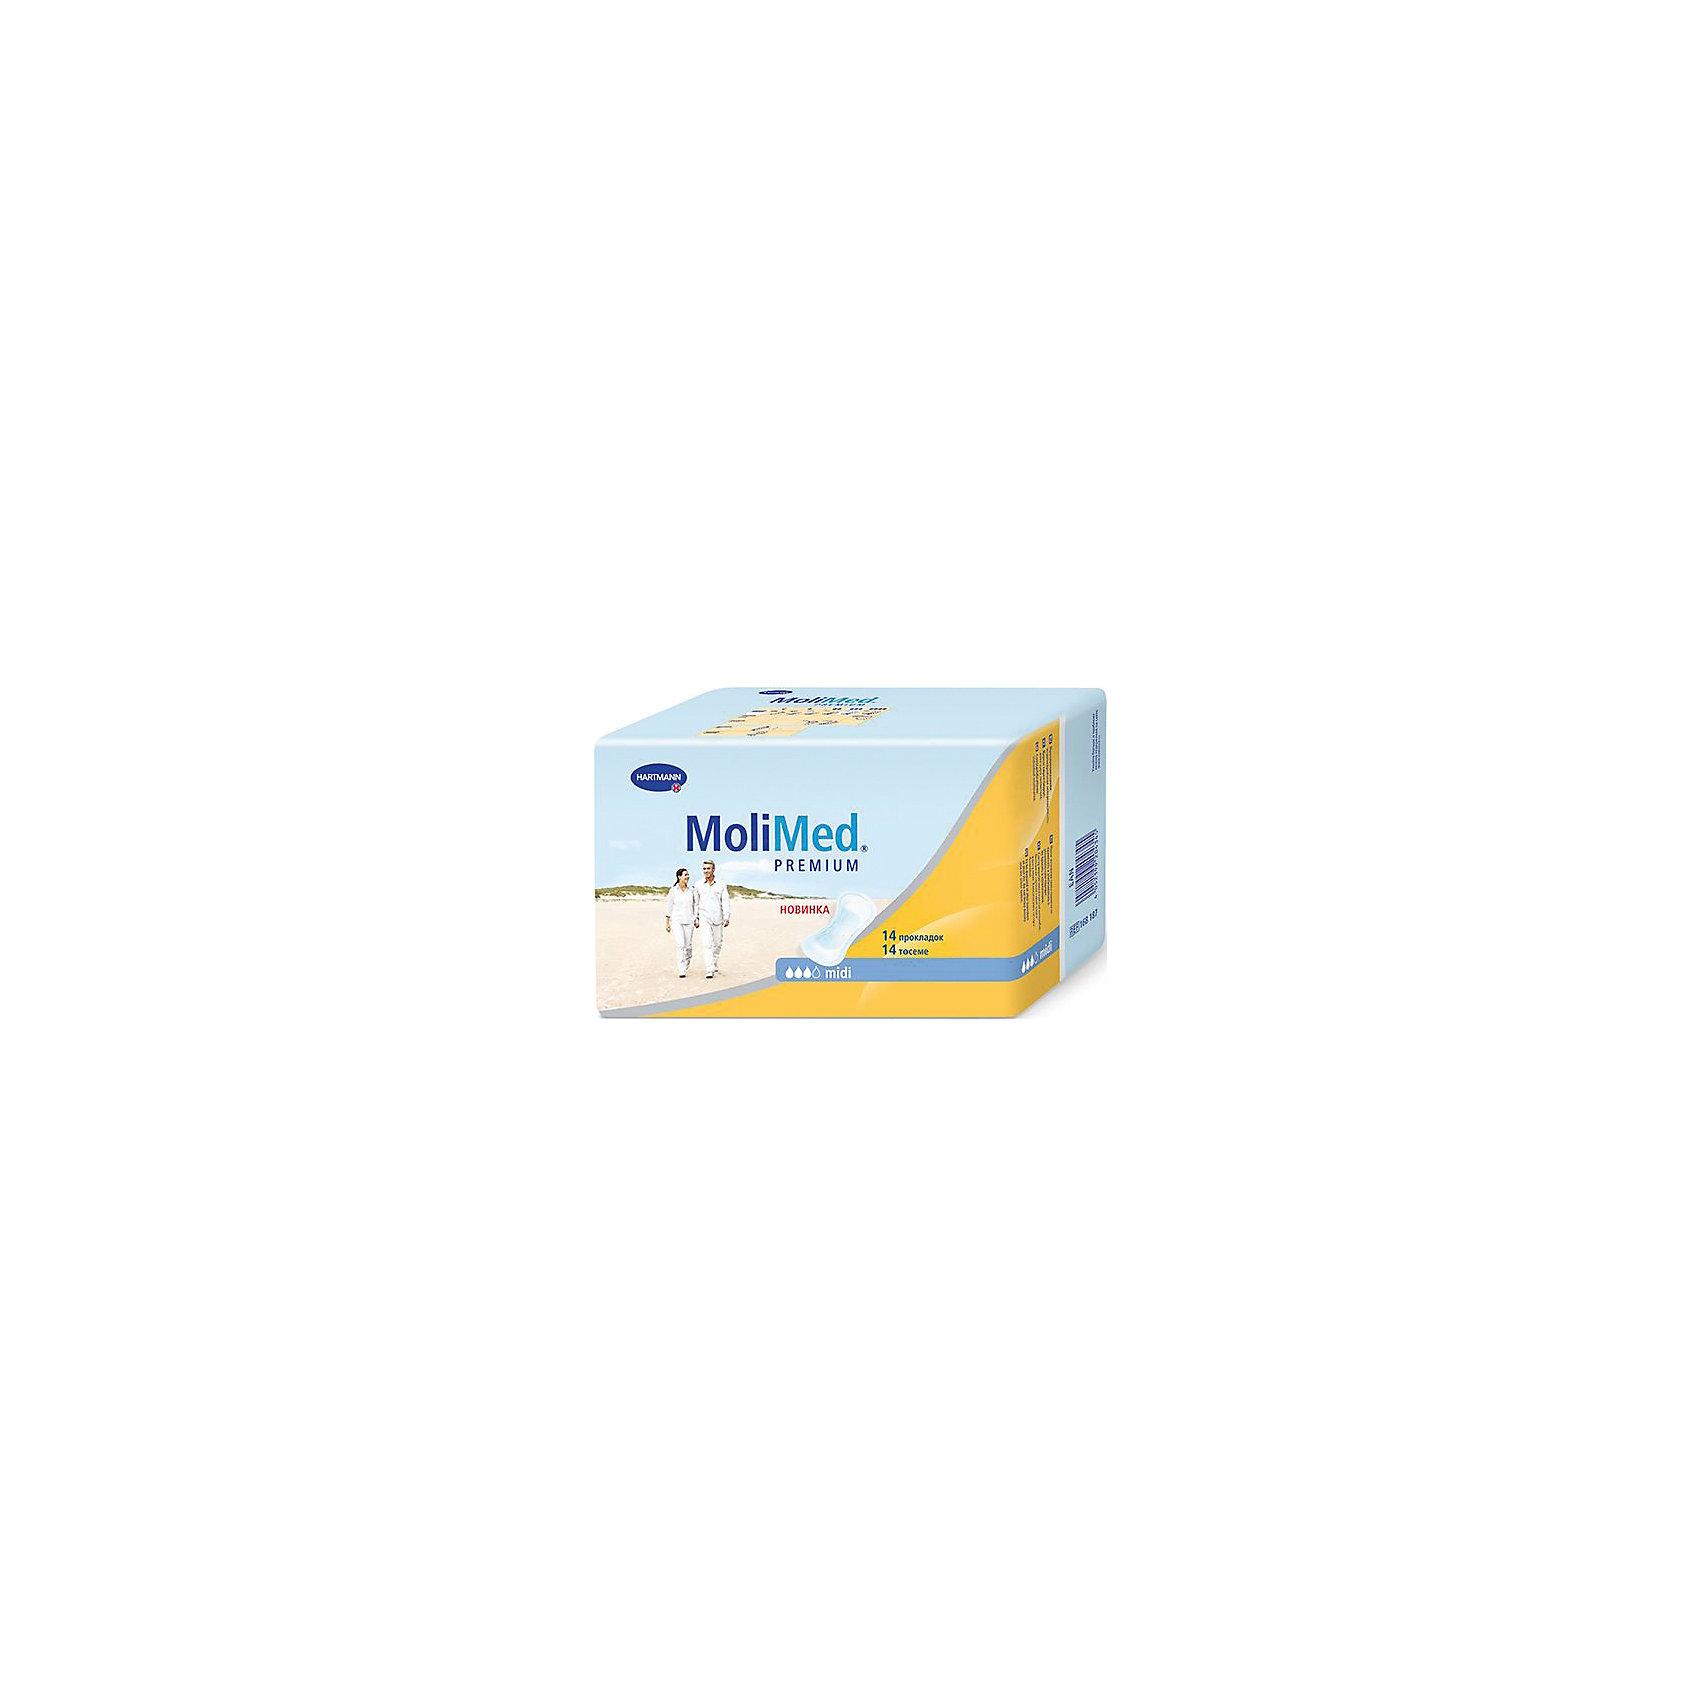 Прокладки MoliMed Premium midi впитываемость 467 мл, 14шт, HartmannСредства для ухода<br>Быстро впитывающие прокладки MoliMed (Молимед) Premium имеют ультрасорбционный слой Dry Plus,благодаря которому происходит действие переработки влаги в гель,что обеспечивает сухое состояние коже.Молекула CyDex предотвращает неприятные запахи,в свою очередь эластичные манжеты препятствуют развитию раздражительных процессов,а также противодействуют вытеканию жидкости из прокладок,при этом обеспечивая дыхание коже.Данные прокладки предназначены для применения во время небольших процессов выделения в послеродовой период.<br><br>Ширина мм: 120<br>Глубина мм: 220<br>Высота мм: 150<br>Вес г: 320<br>Возраст от месяцев: 216<br>Возраст до месяцев: 1188<br>Пол: Унисекс<br>Возраст: Детский<br>SKU: 4796667